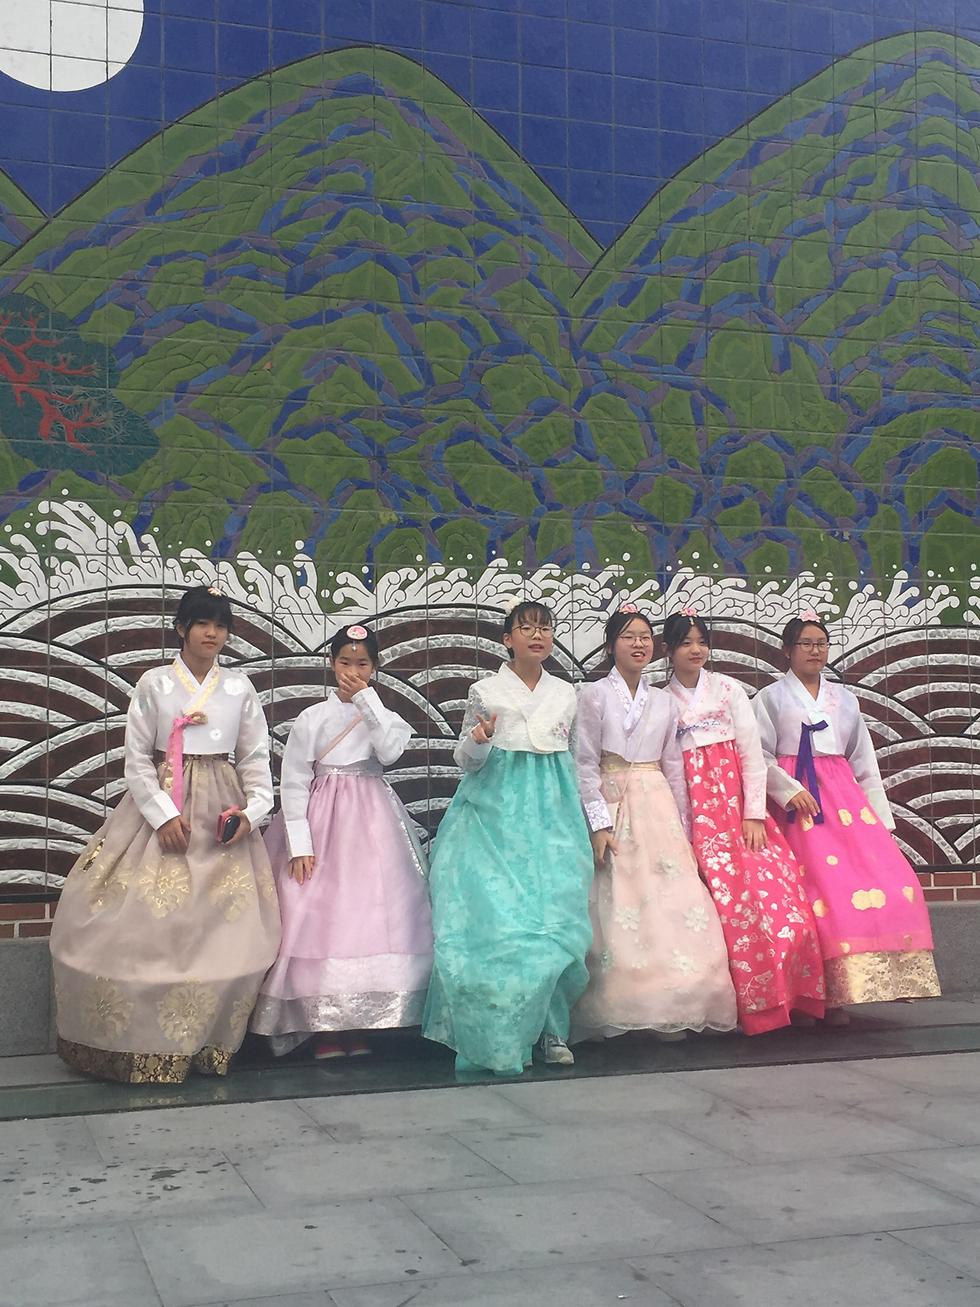 נערות בית ספר לובשות לבוש מסורתי בבואן לבקר באתרי מורשת